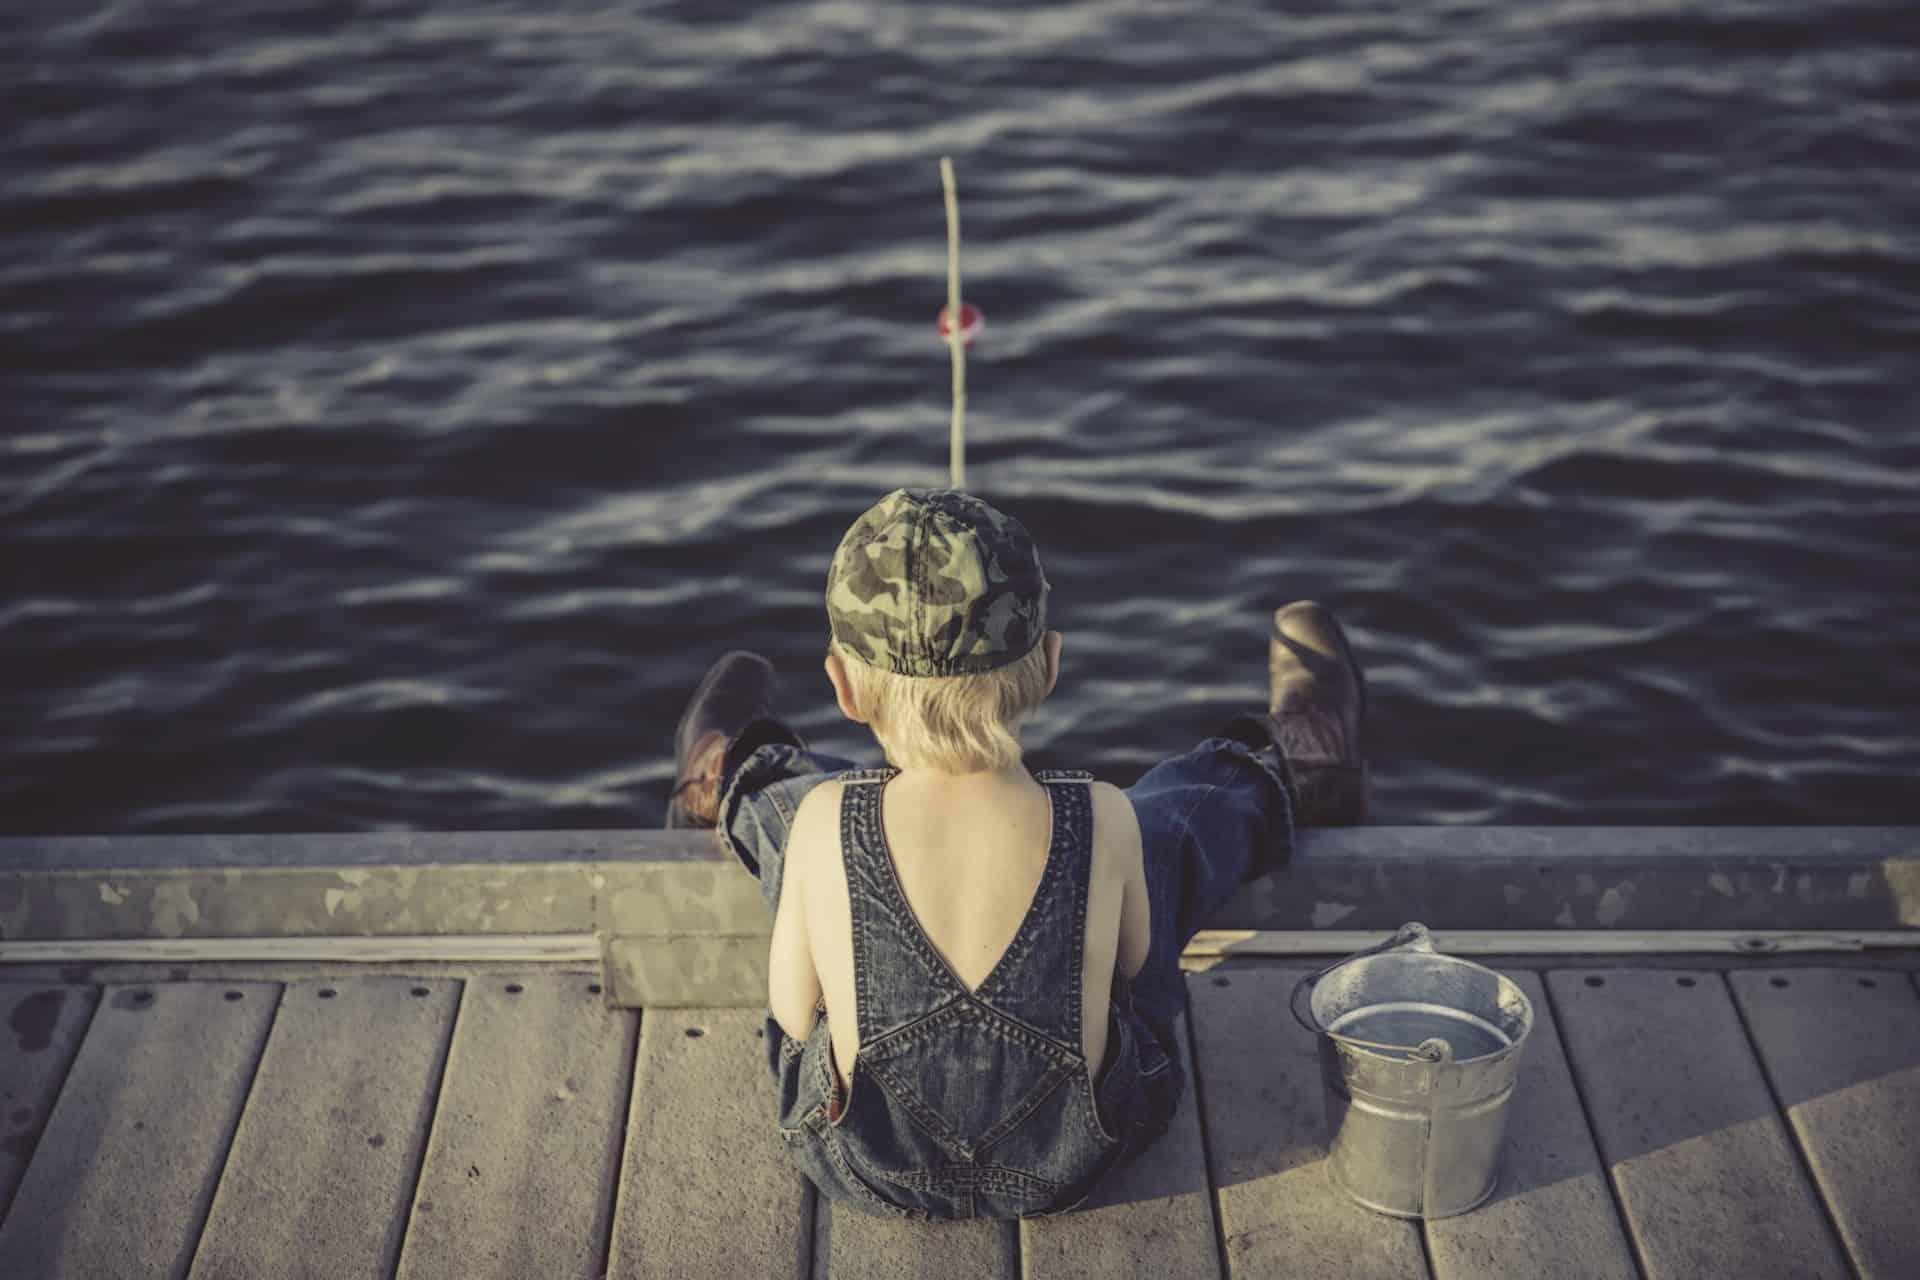 Lapsi istuu selin laiturilla ja kalastaa.